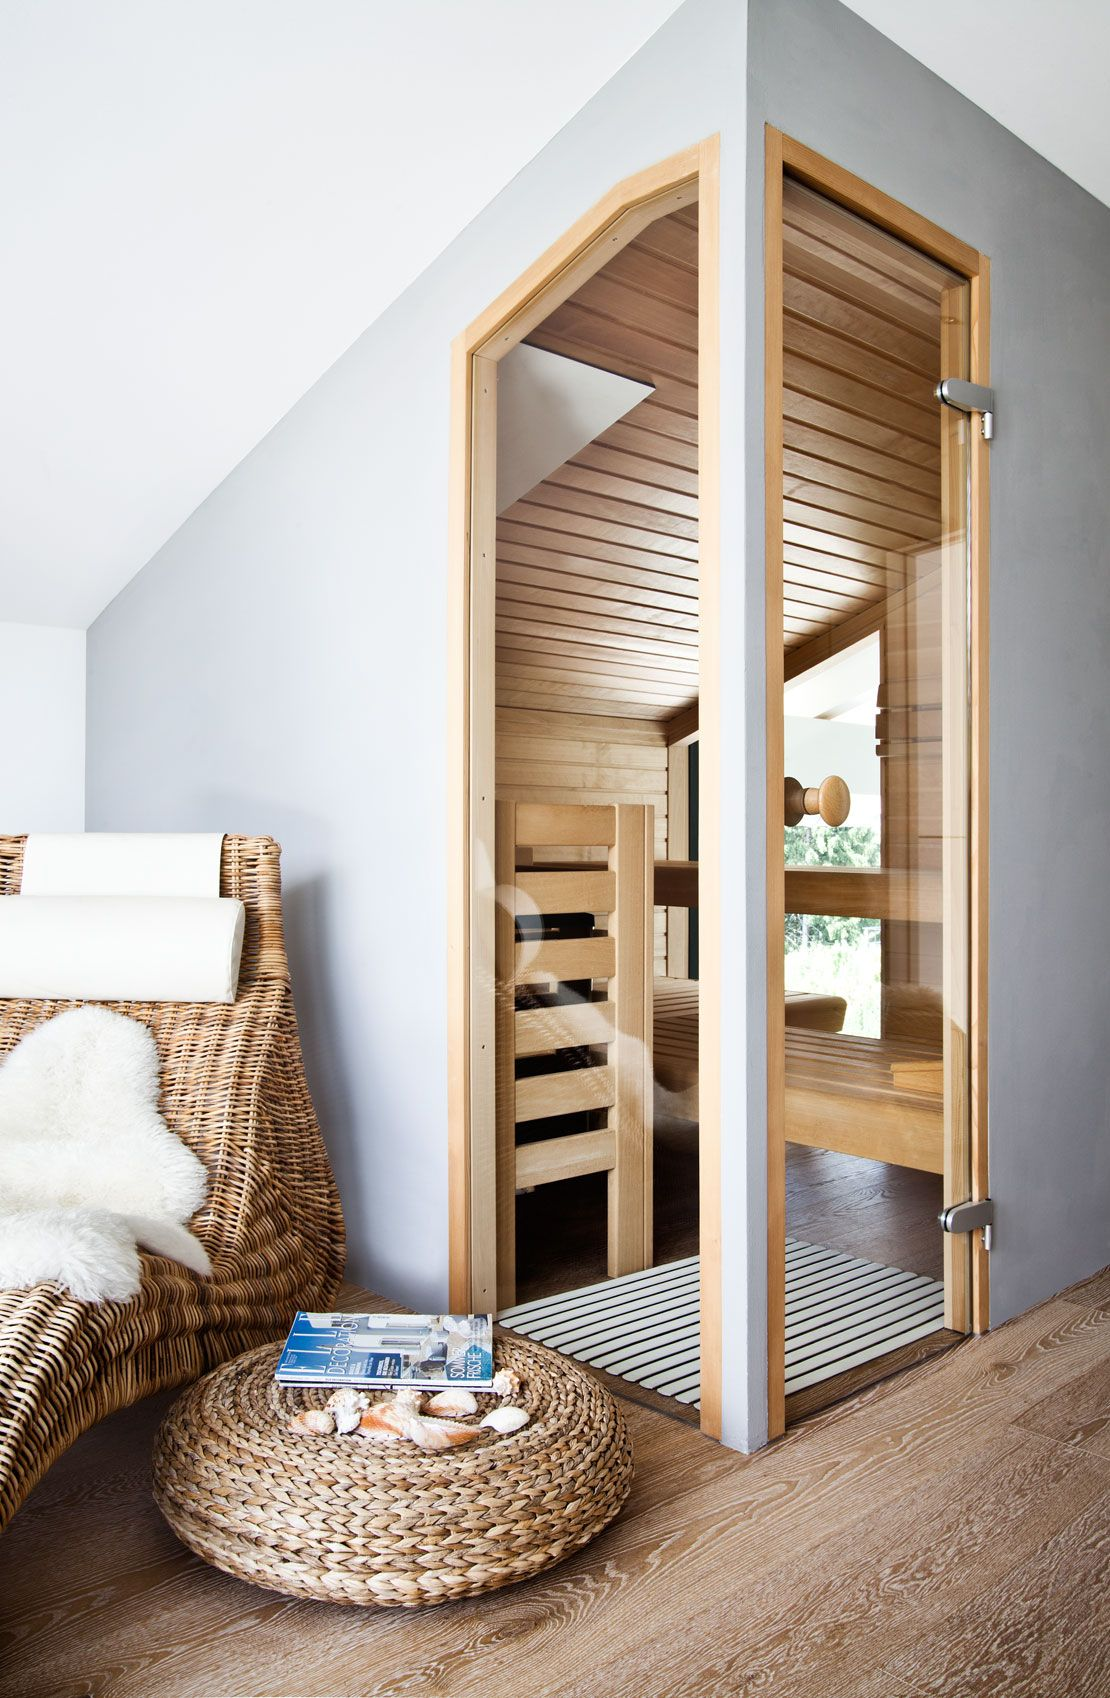 Wohnzimmer Mit Schlafzimmer Kombinieren. Matratzen Und ...